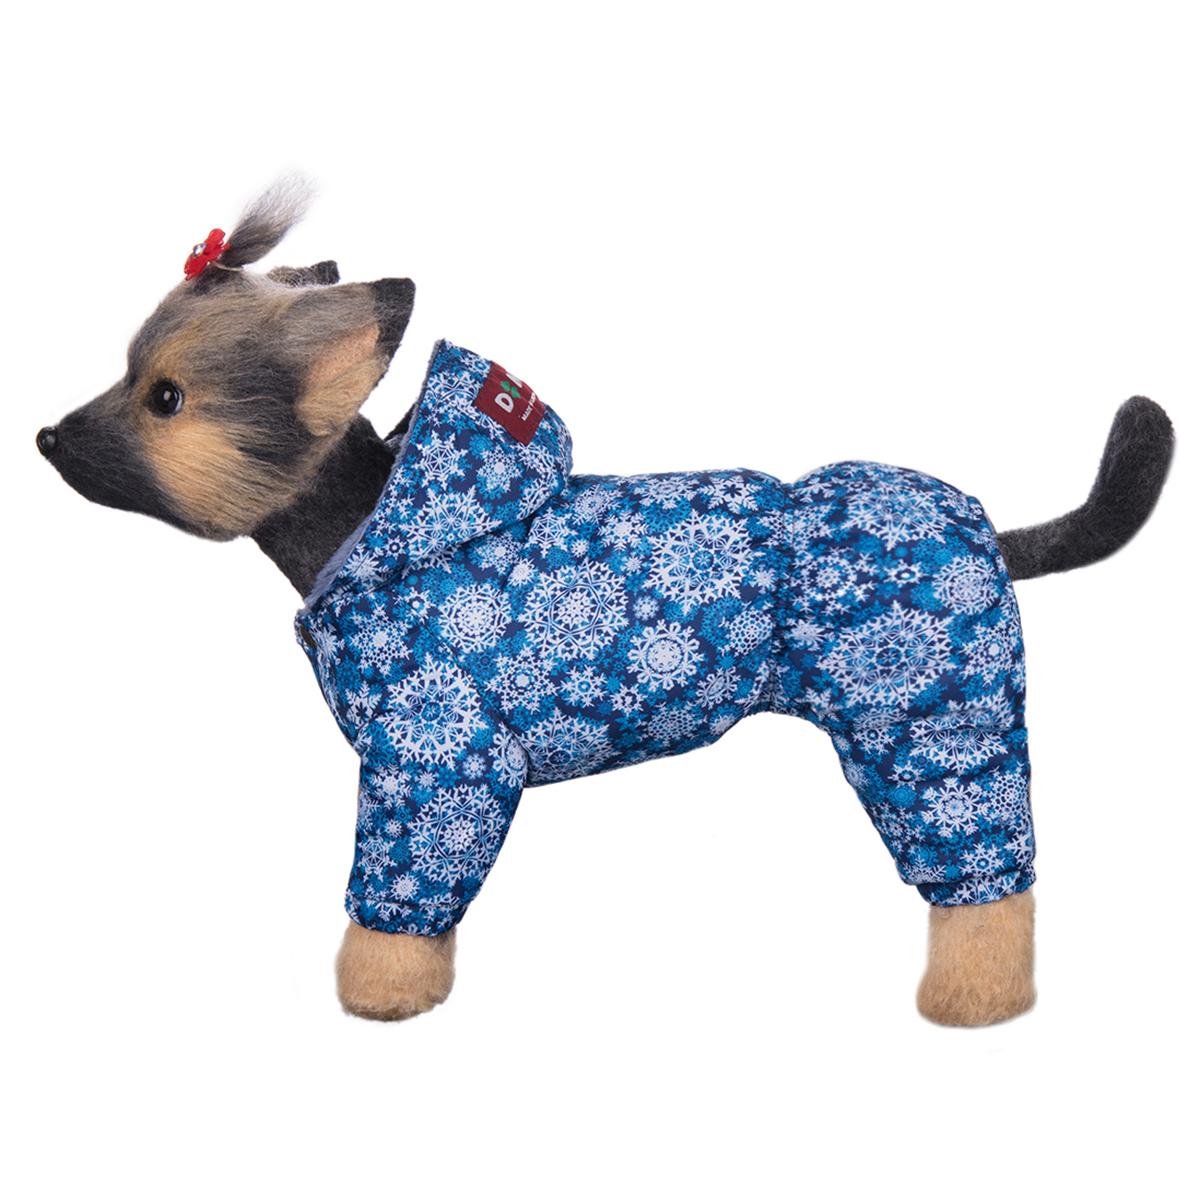 Комбинезон для собак Dogmoda Зима, для мальчика. Размер 3 (L)DM-160258-3Зимний комбинезон для собак Dogmoda Зима отлично подойдет для прогулок в зимнее время года. Комбинезон изготовлен из полиэстера, защищающего от ветра и снега, с утеплителем из синтепона, который сохранит тепло даже в сильные морозы, а на подкладке используется искусственный мех, который обеспечивает отличный воздухообмен. Комбинезон с капюшоном застегивается на кнопки, благодаря чему его легко надевать и снимать. Капюшон не отстегивается. Низ рукавов и брючин оснащен внутренними резинками, которые мягко обхватывают лапки, не позволяя просачиваться холодному воздуху. Благодаря такому комбинезону простуда не грозит вашему питомцу.